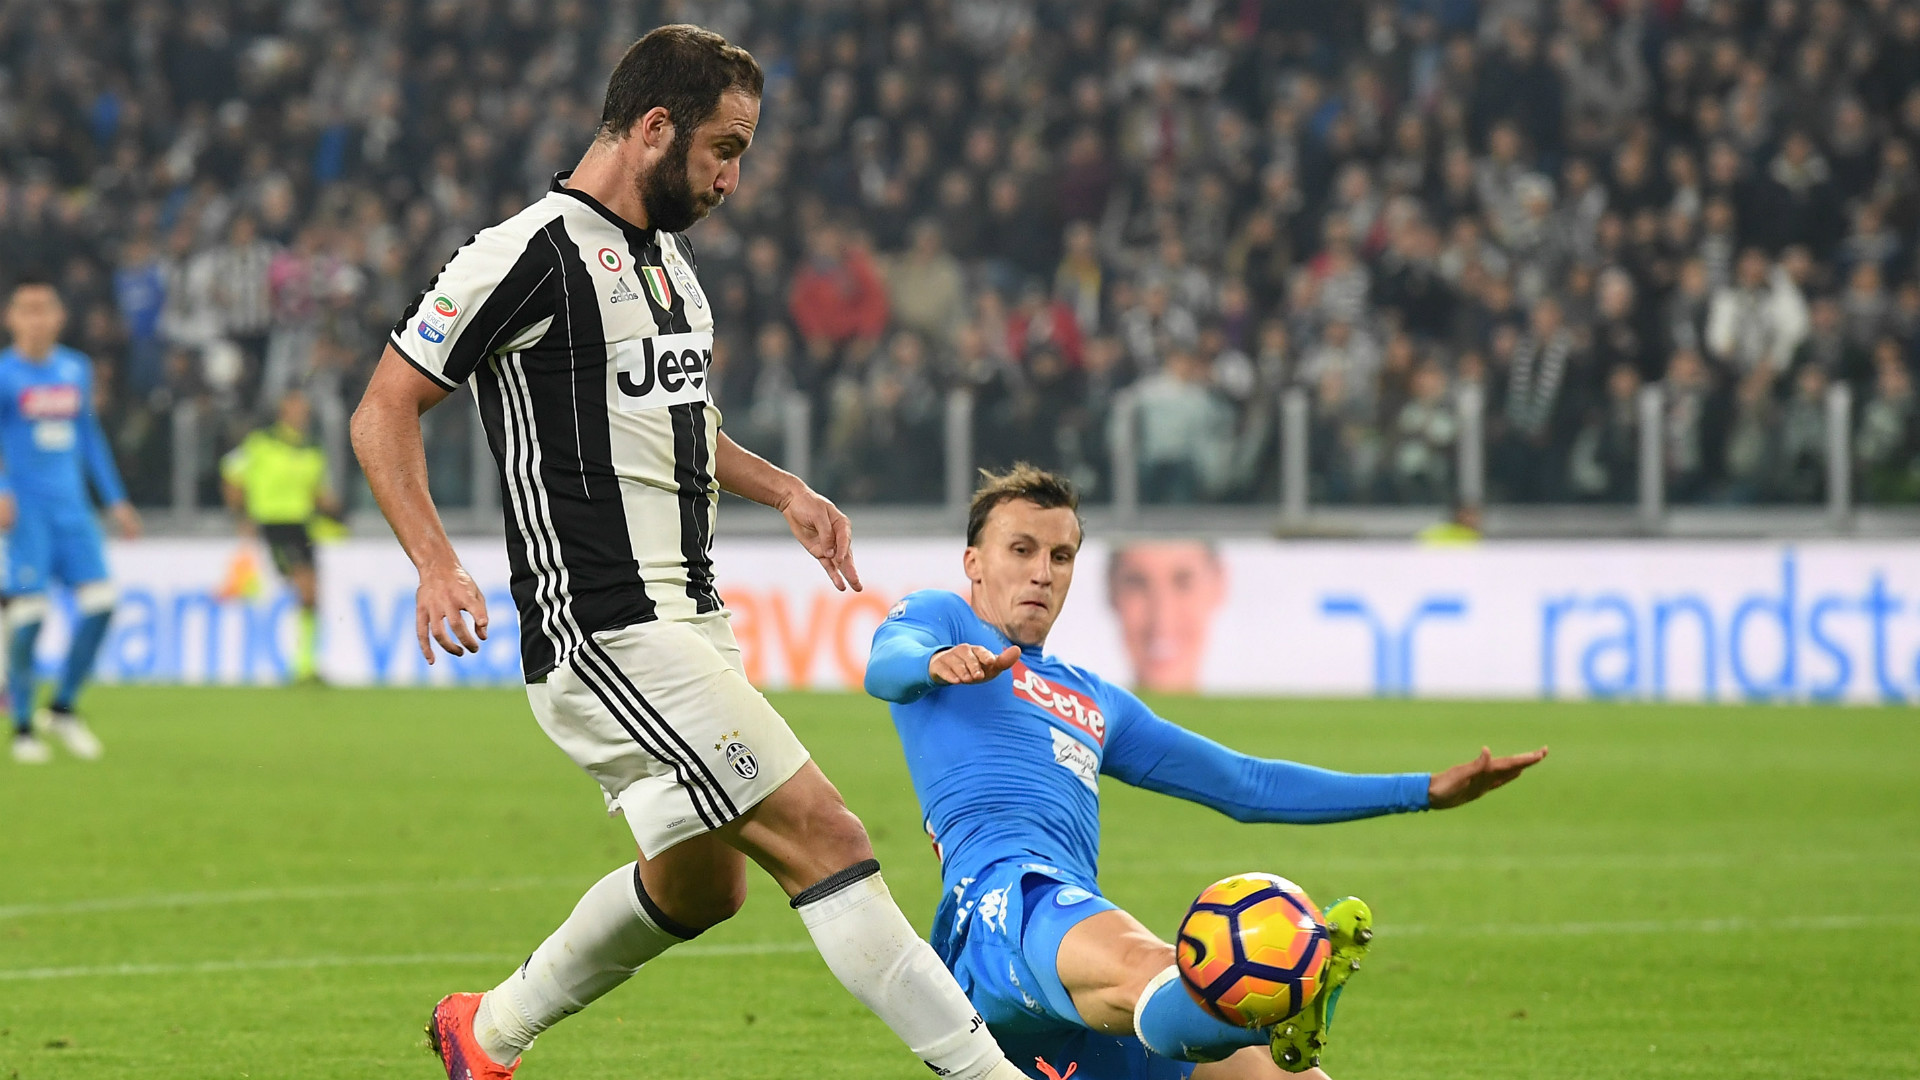 Soi kèo Napoli vs Perugia